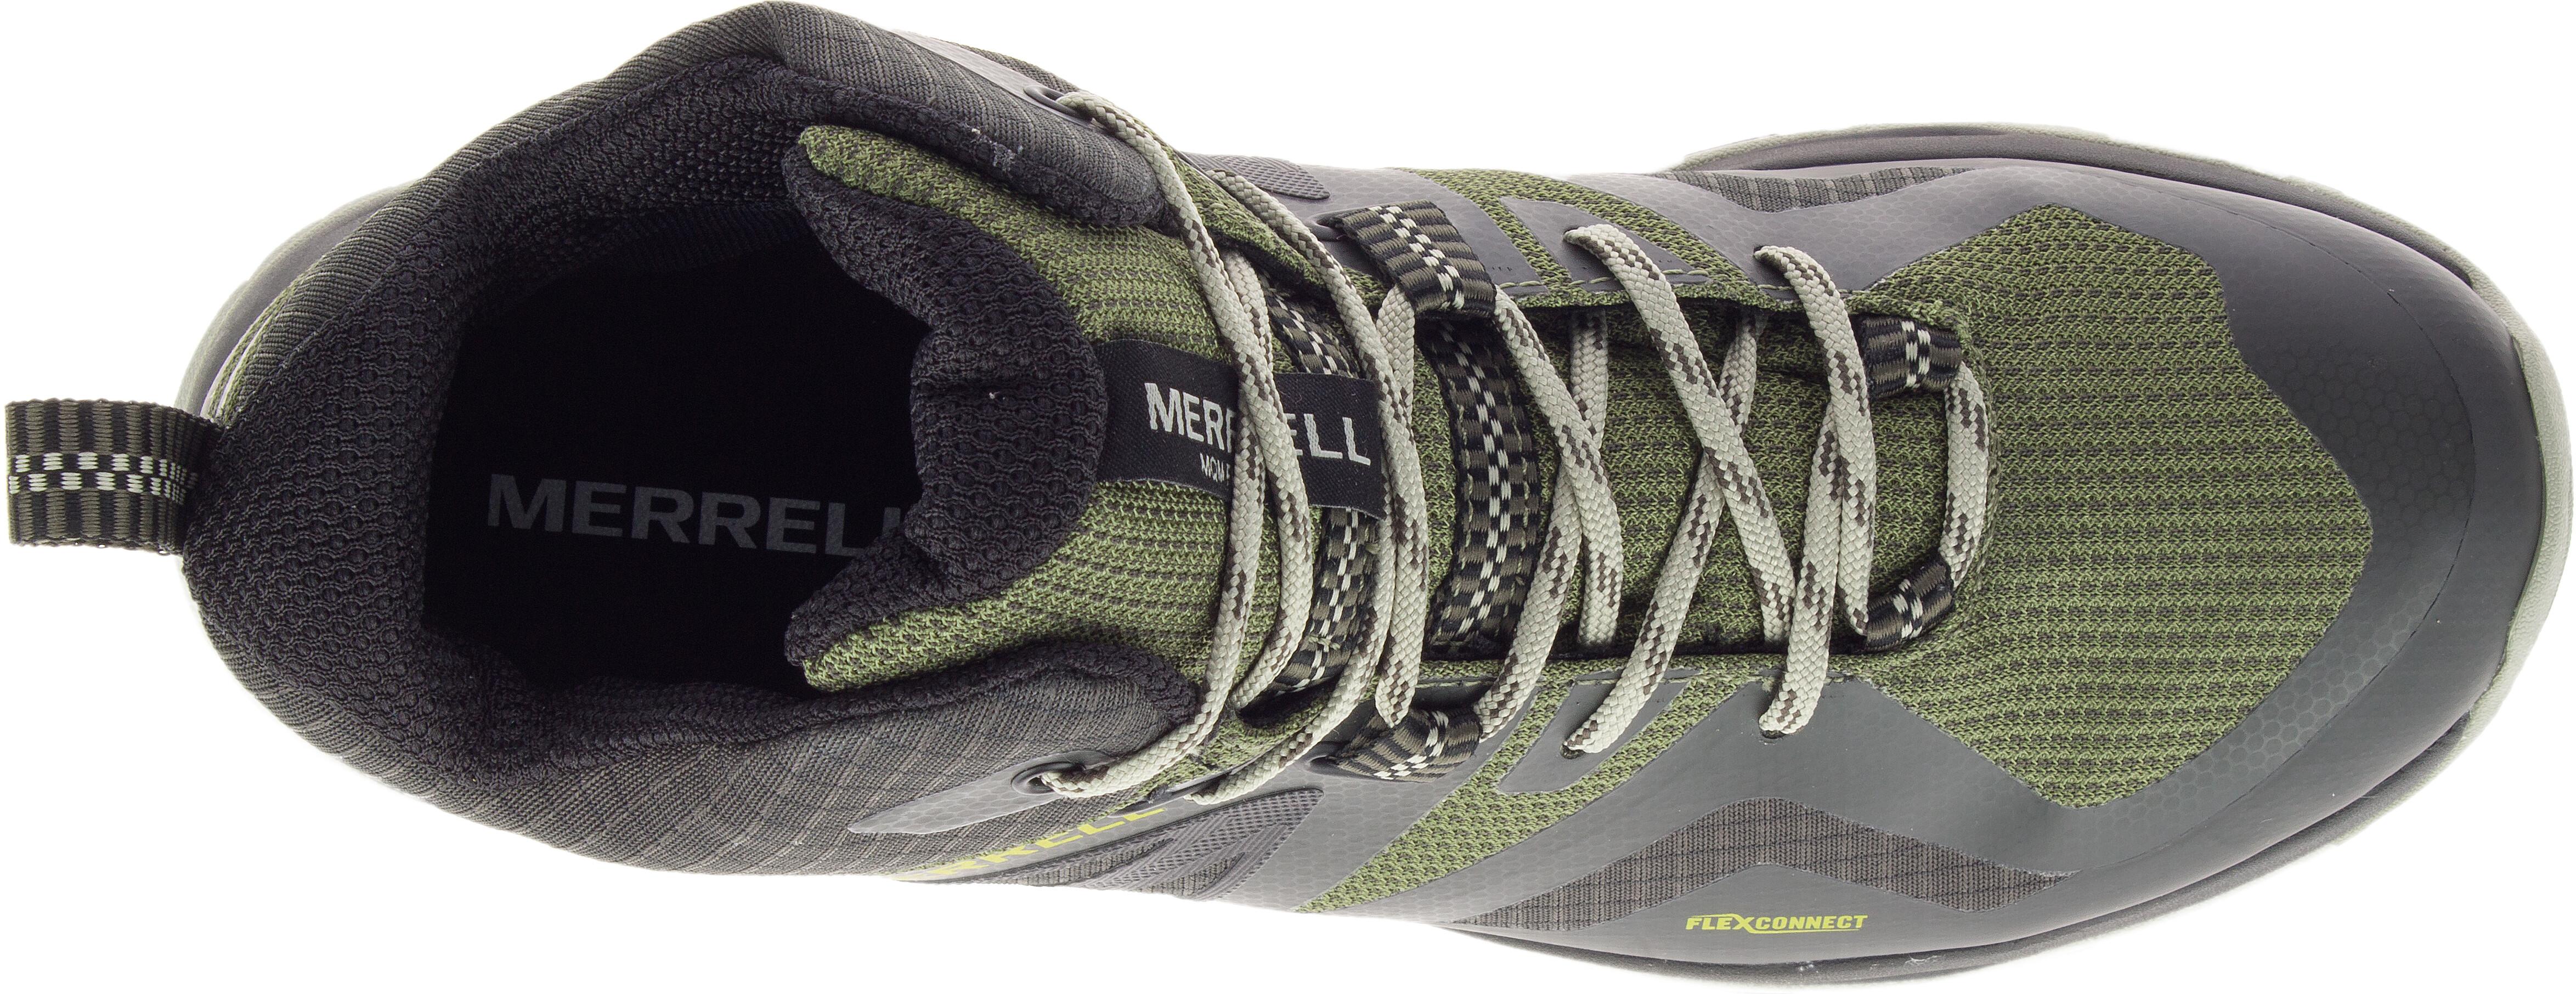 Merrell Pic Flex 3 Baskets Homme Gents non Hydrofuge Chaussures De Marche Lacets